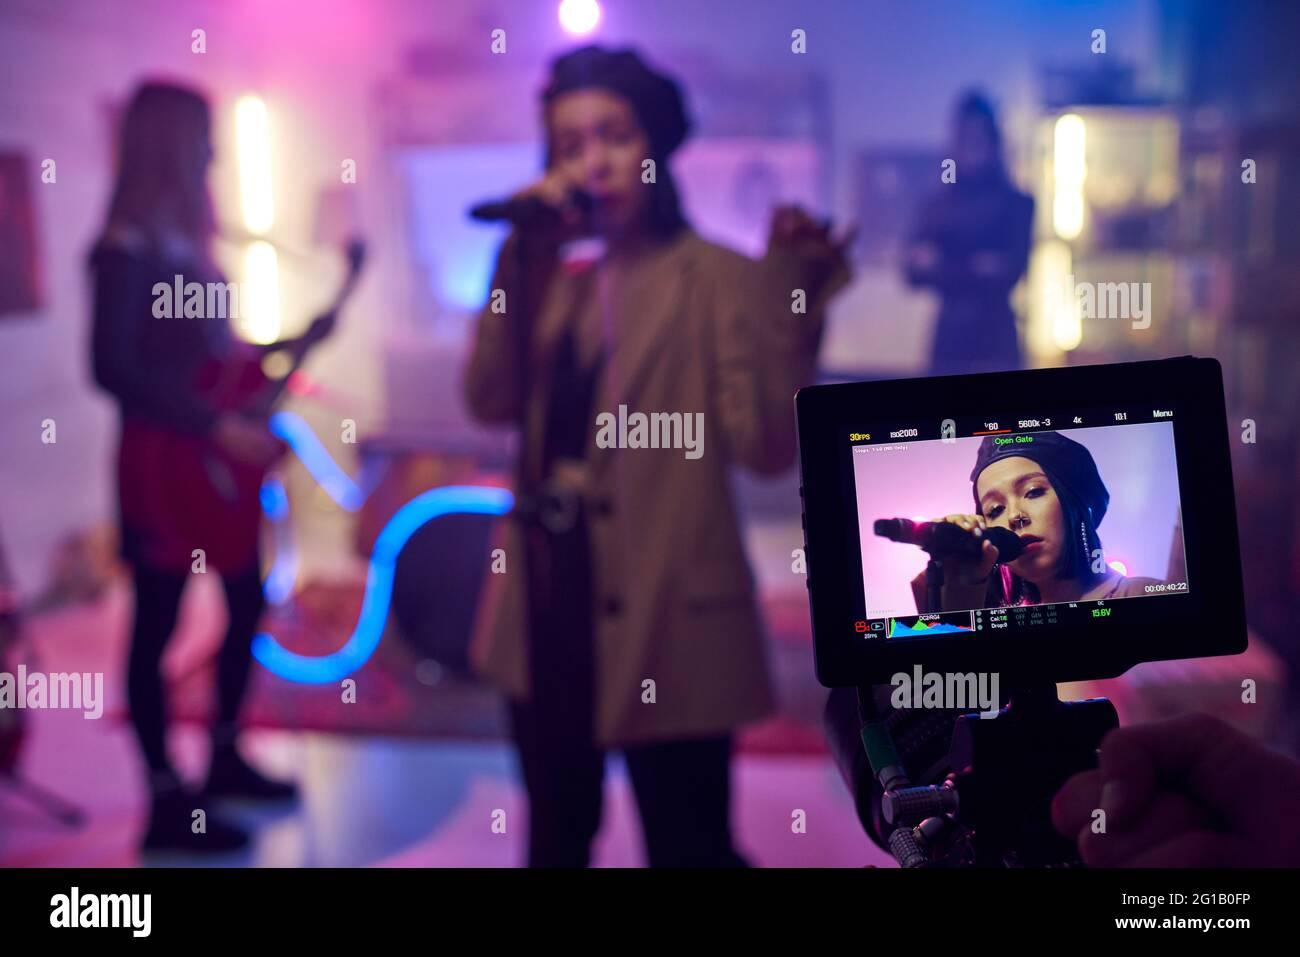 Visualización de la cámara durante la grabación de vídeo musical o el rendimiento Foto de stock